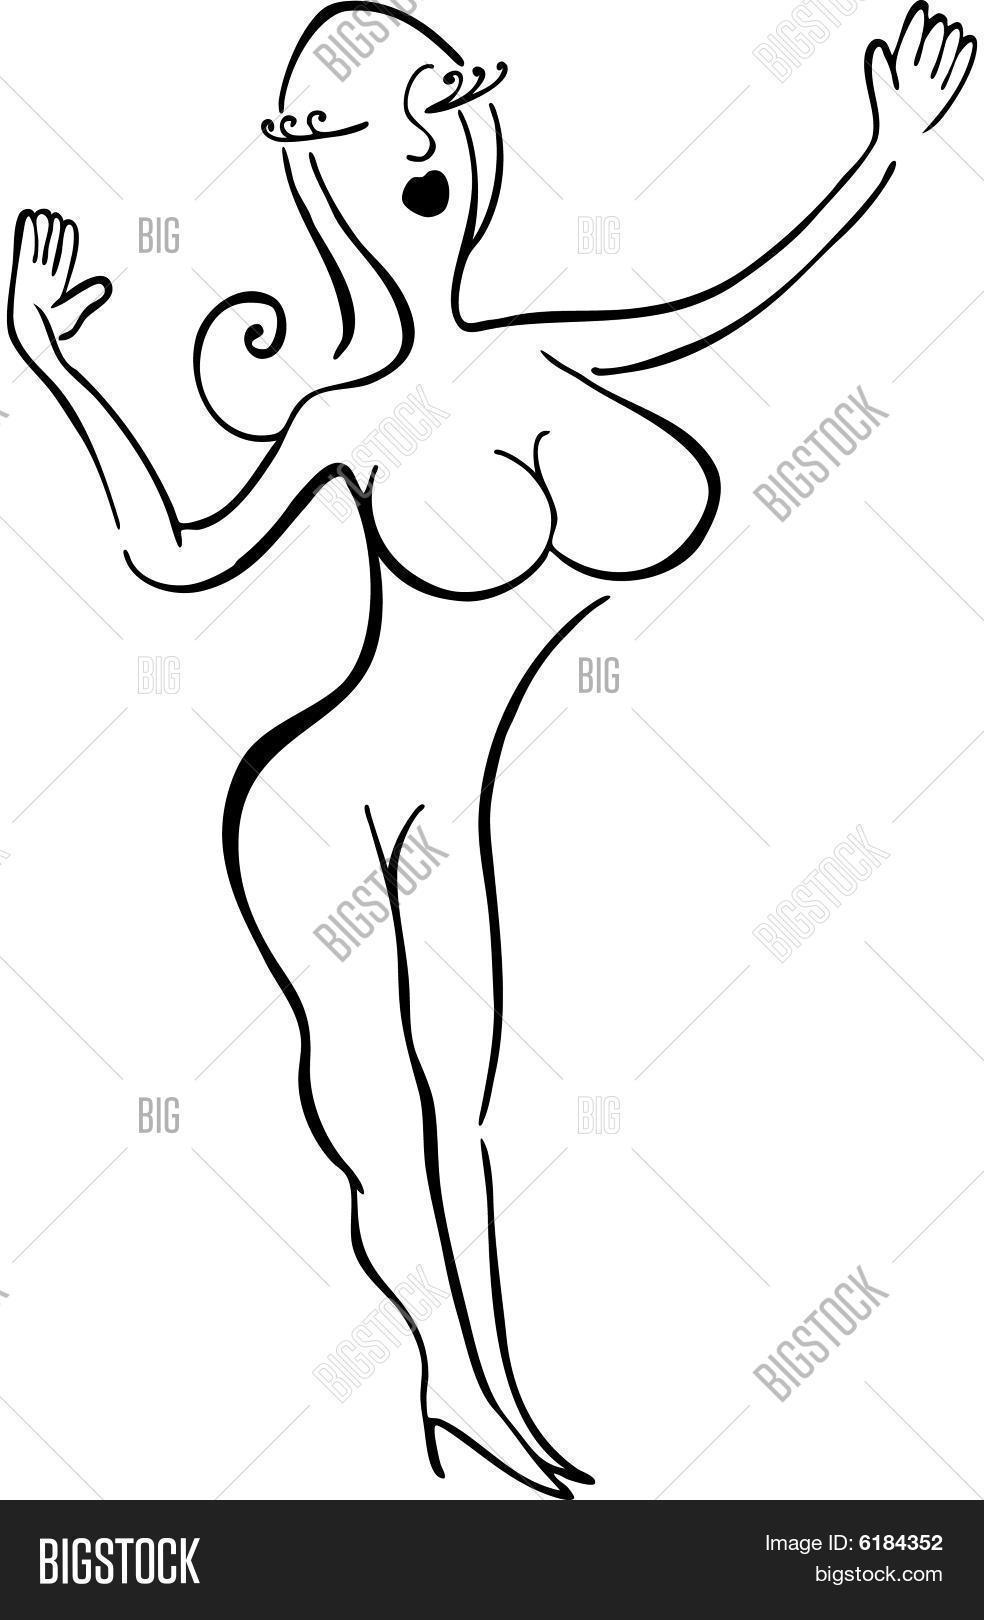 breast cartoons Big